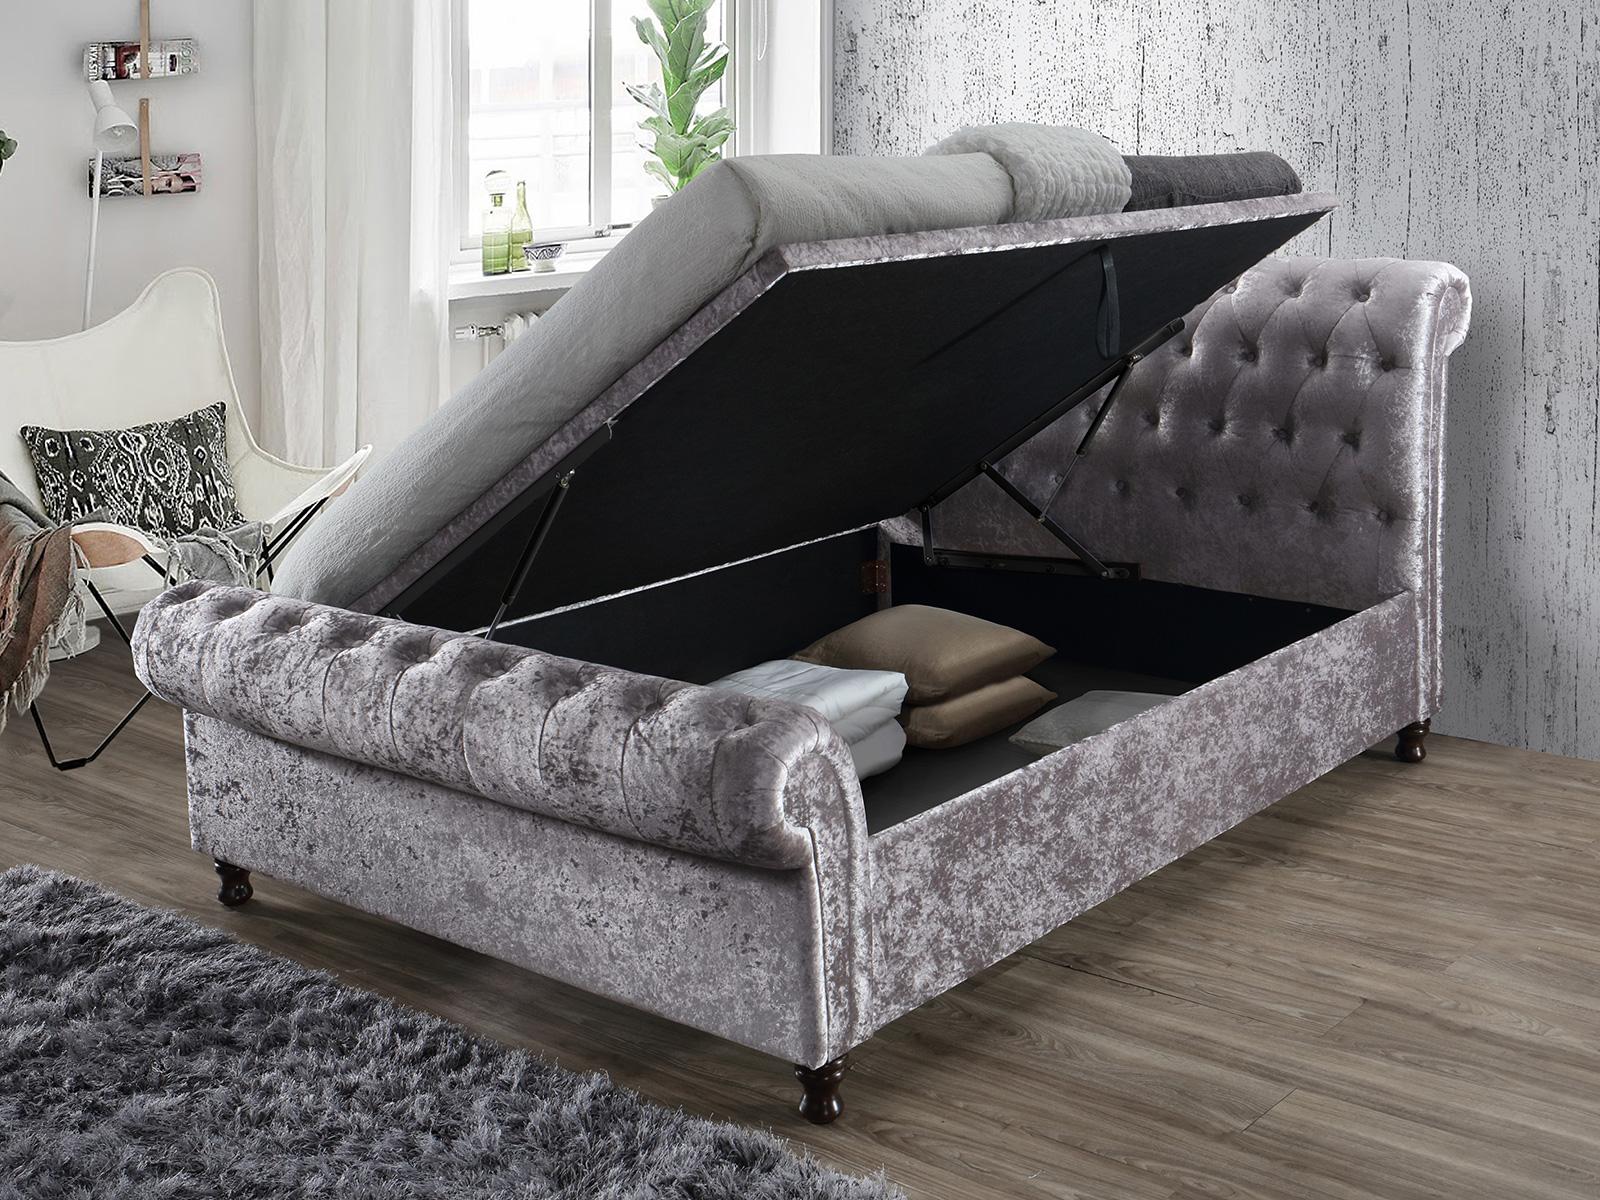 The Sleep Shop 5ft King Size Birlea Castello Ottoman Bed